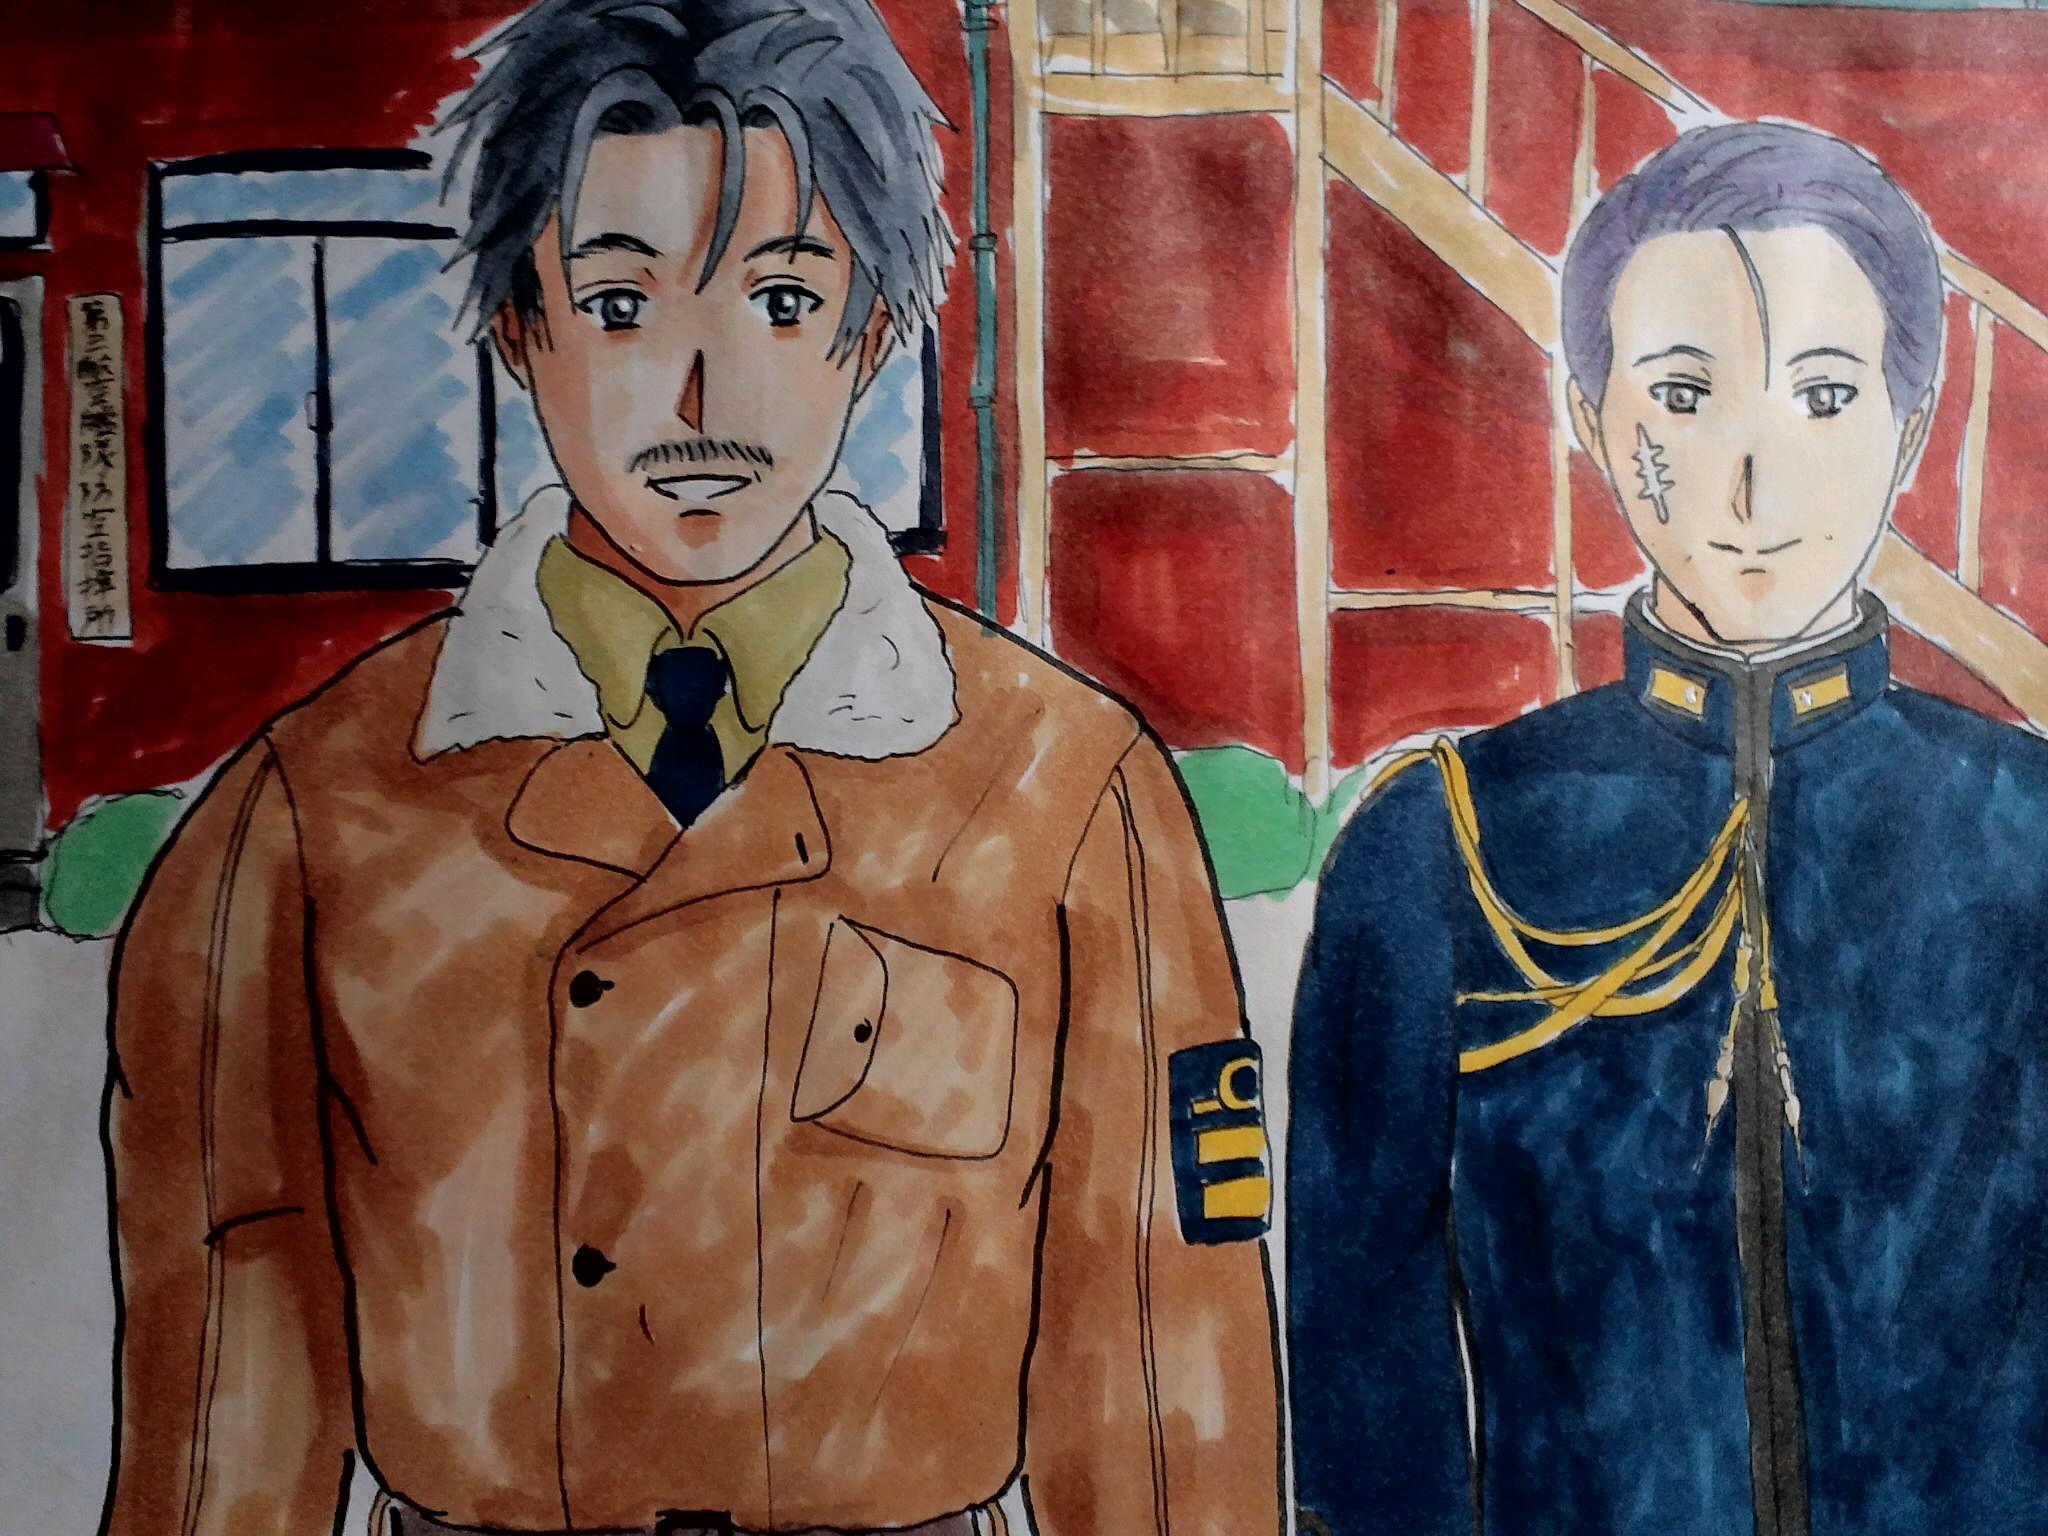 司令長官と参謀長